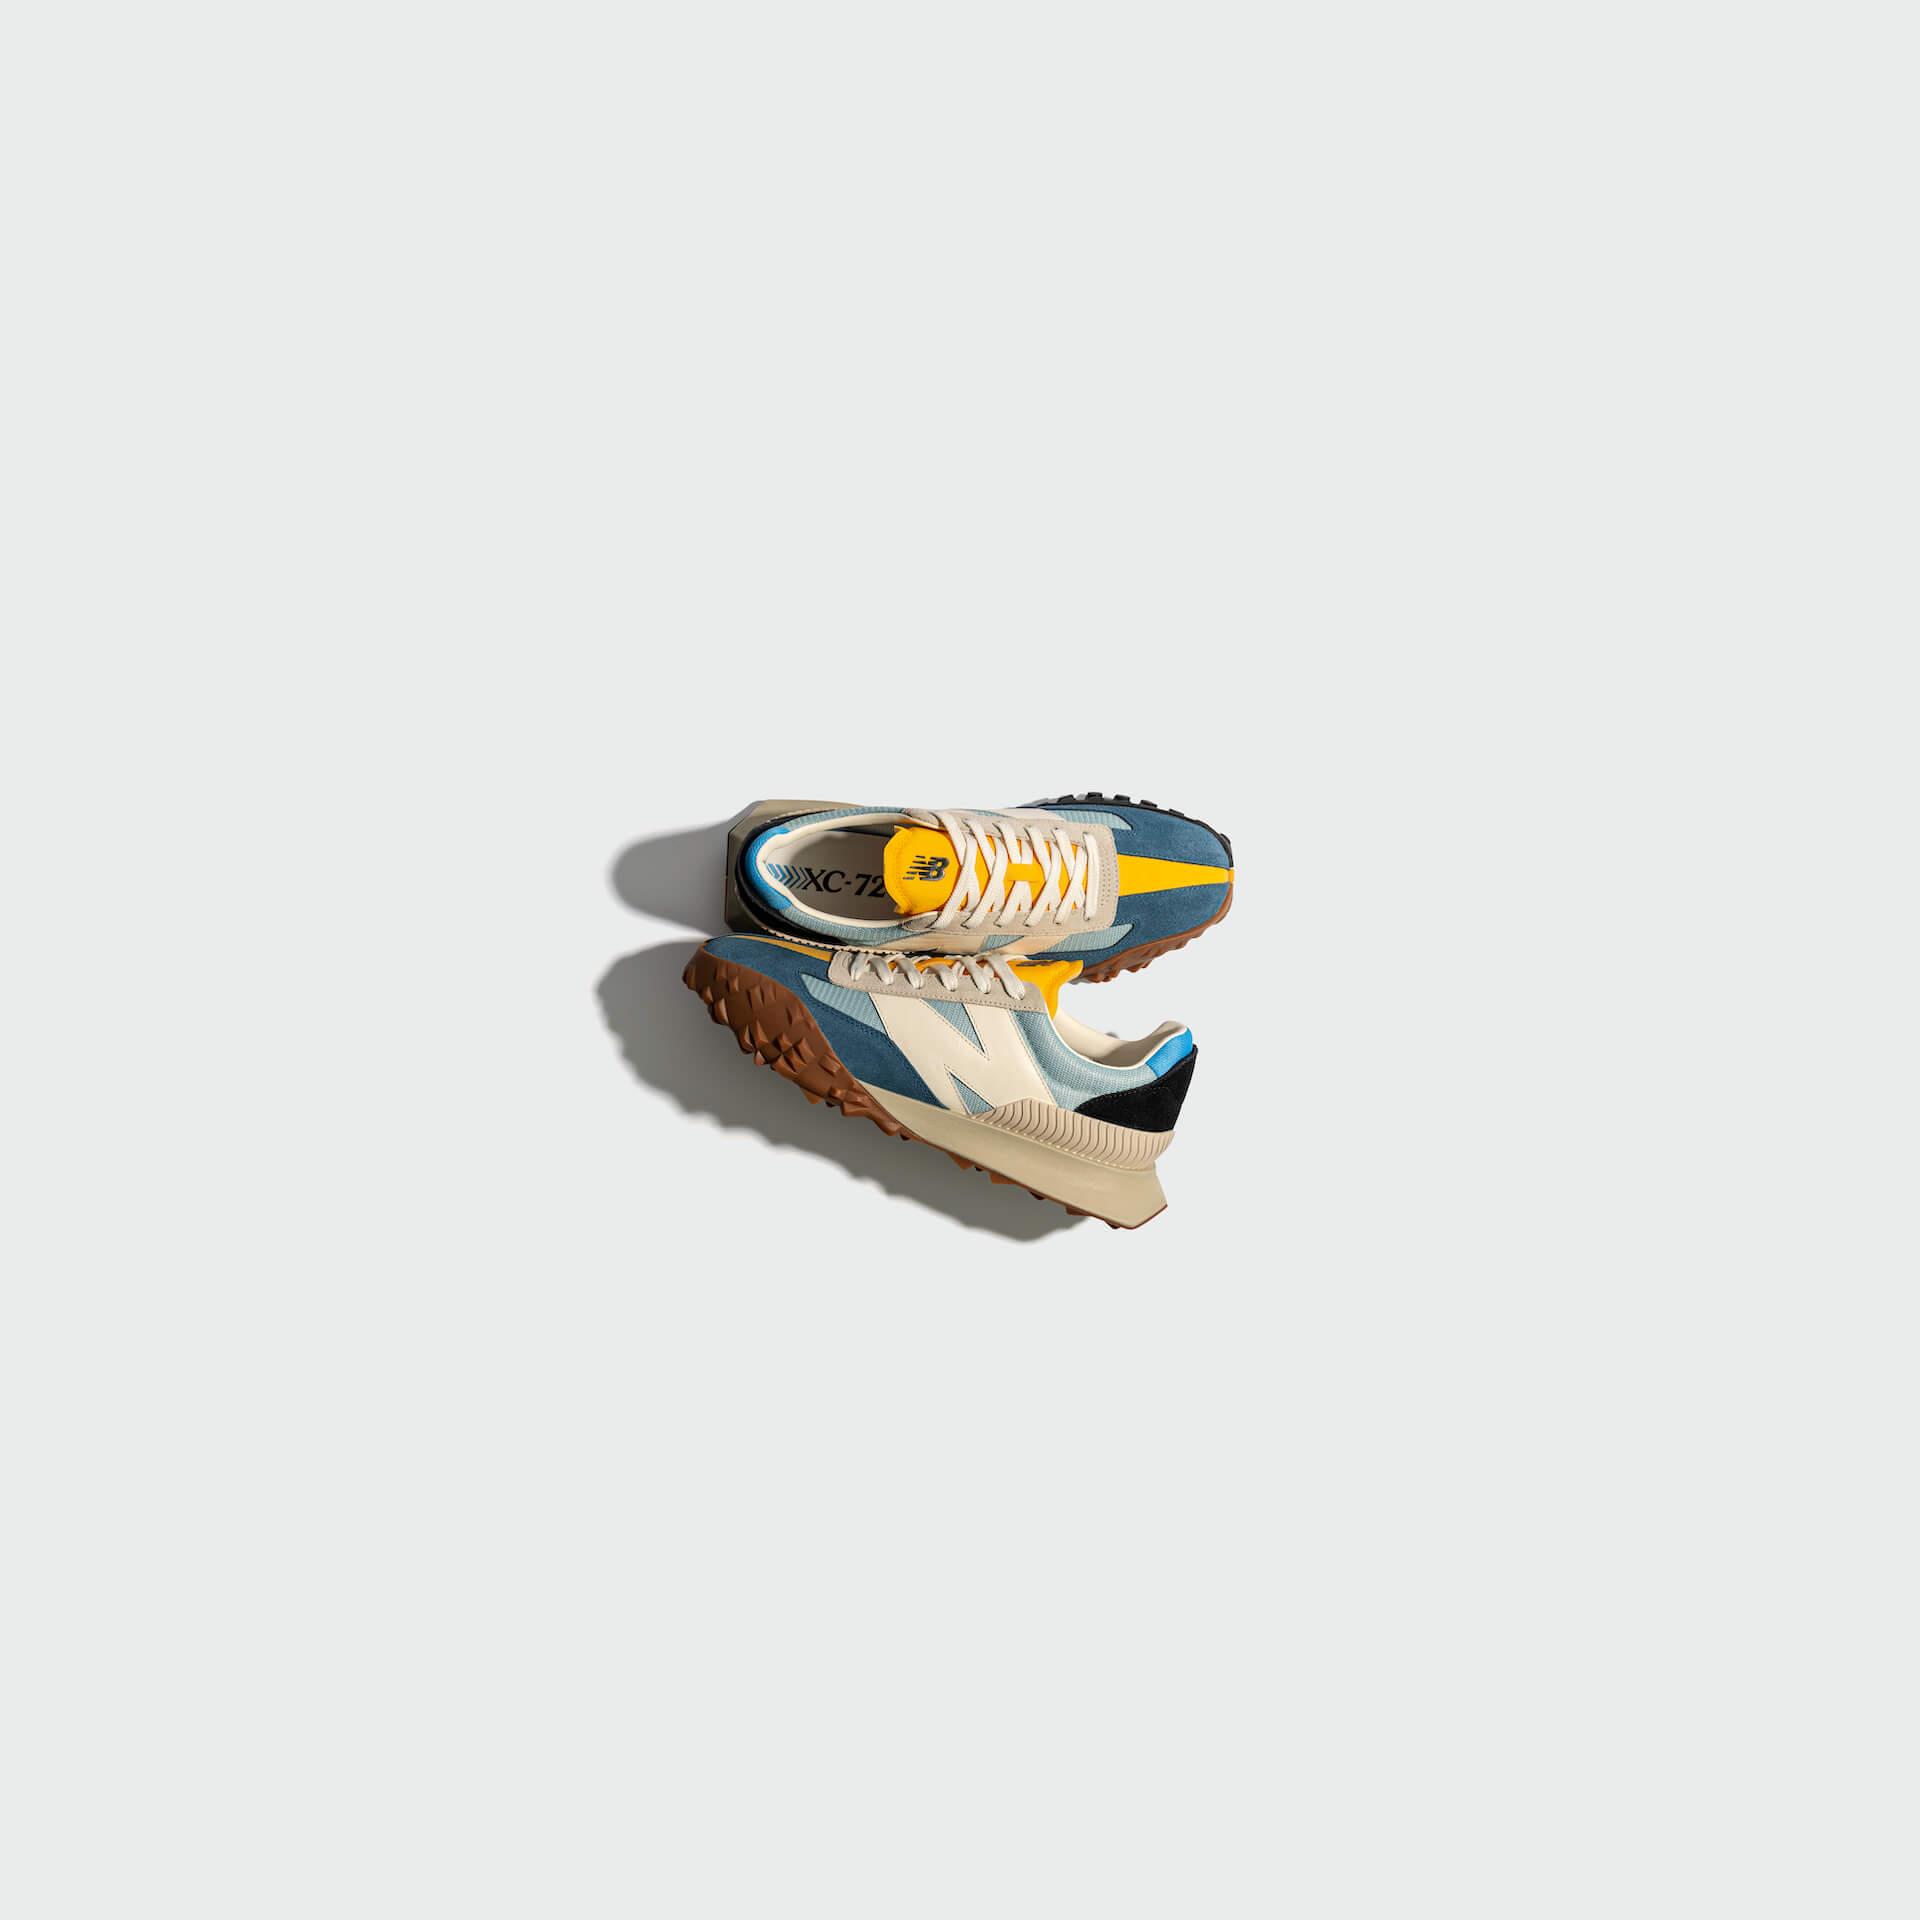 ニューバランスから今年発売された新モデル「XC-72」に新色のブルーイエローが登場! life210910_newbalance_xc72_5